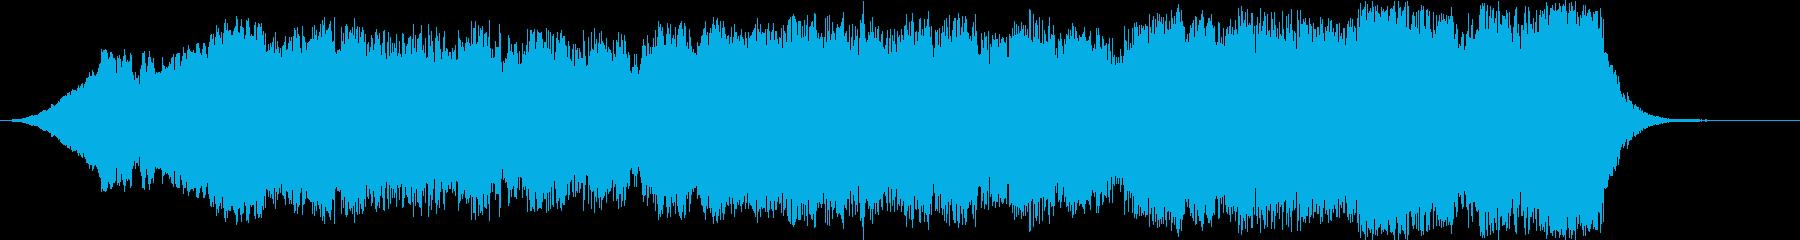 広がりのあるピアノのオーケストラ調の音の再生済みの波形